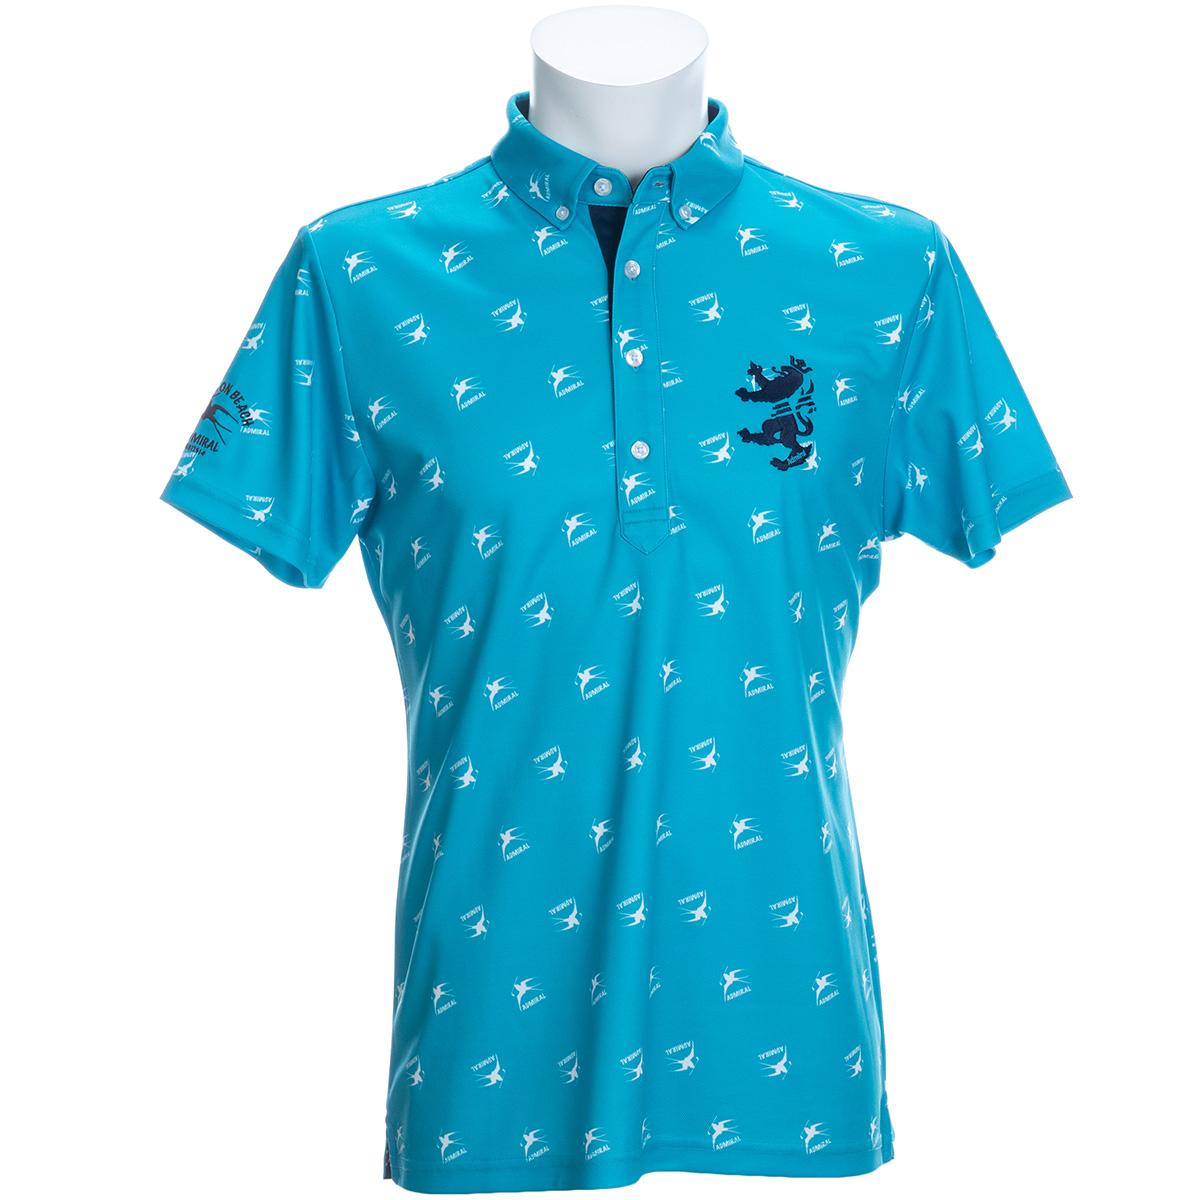 ブライトンバード ボタンダウン半袖ポロシャツ